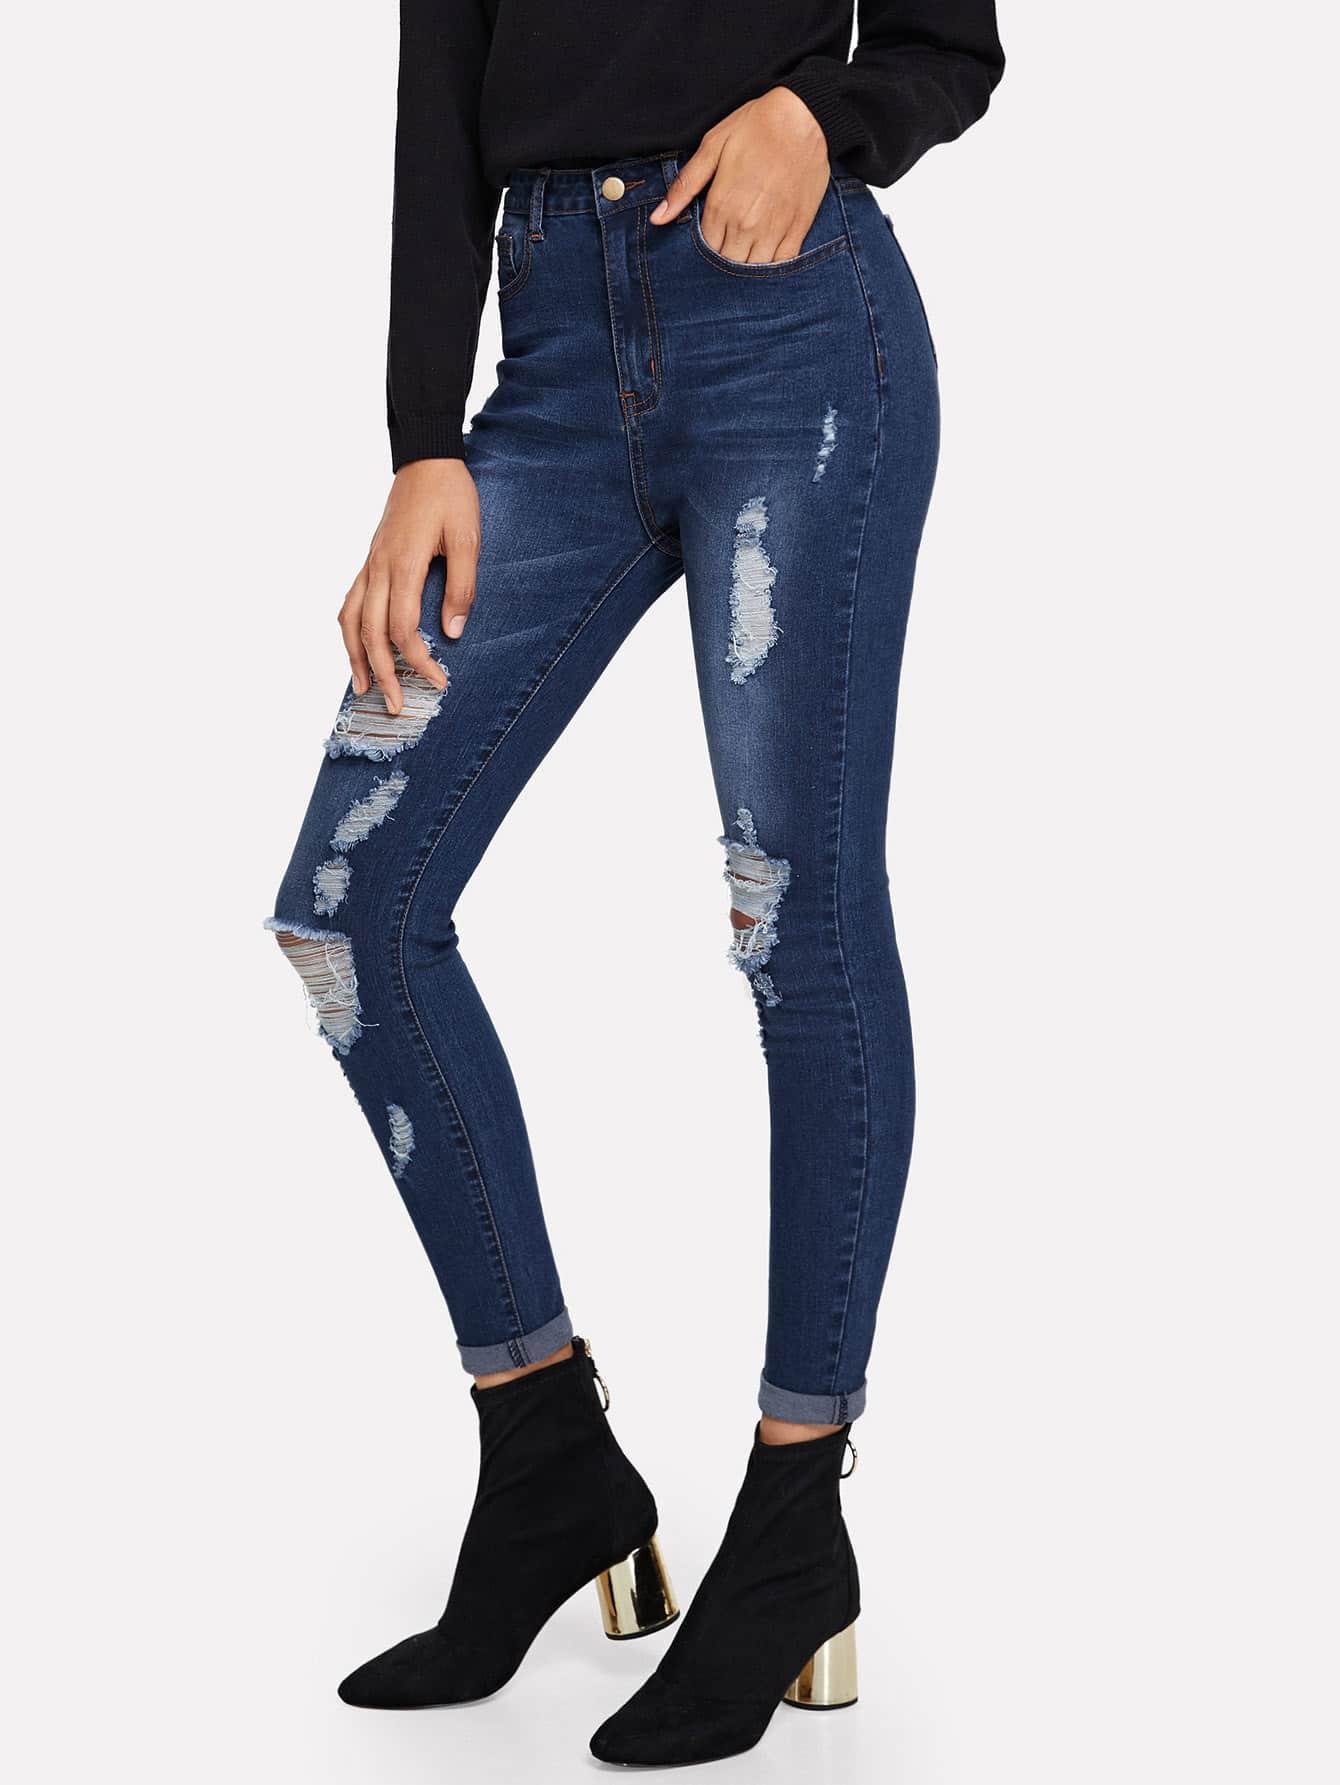 Рваные джинсы, Ana, SheIn  - купить со скидкой